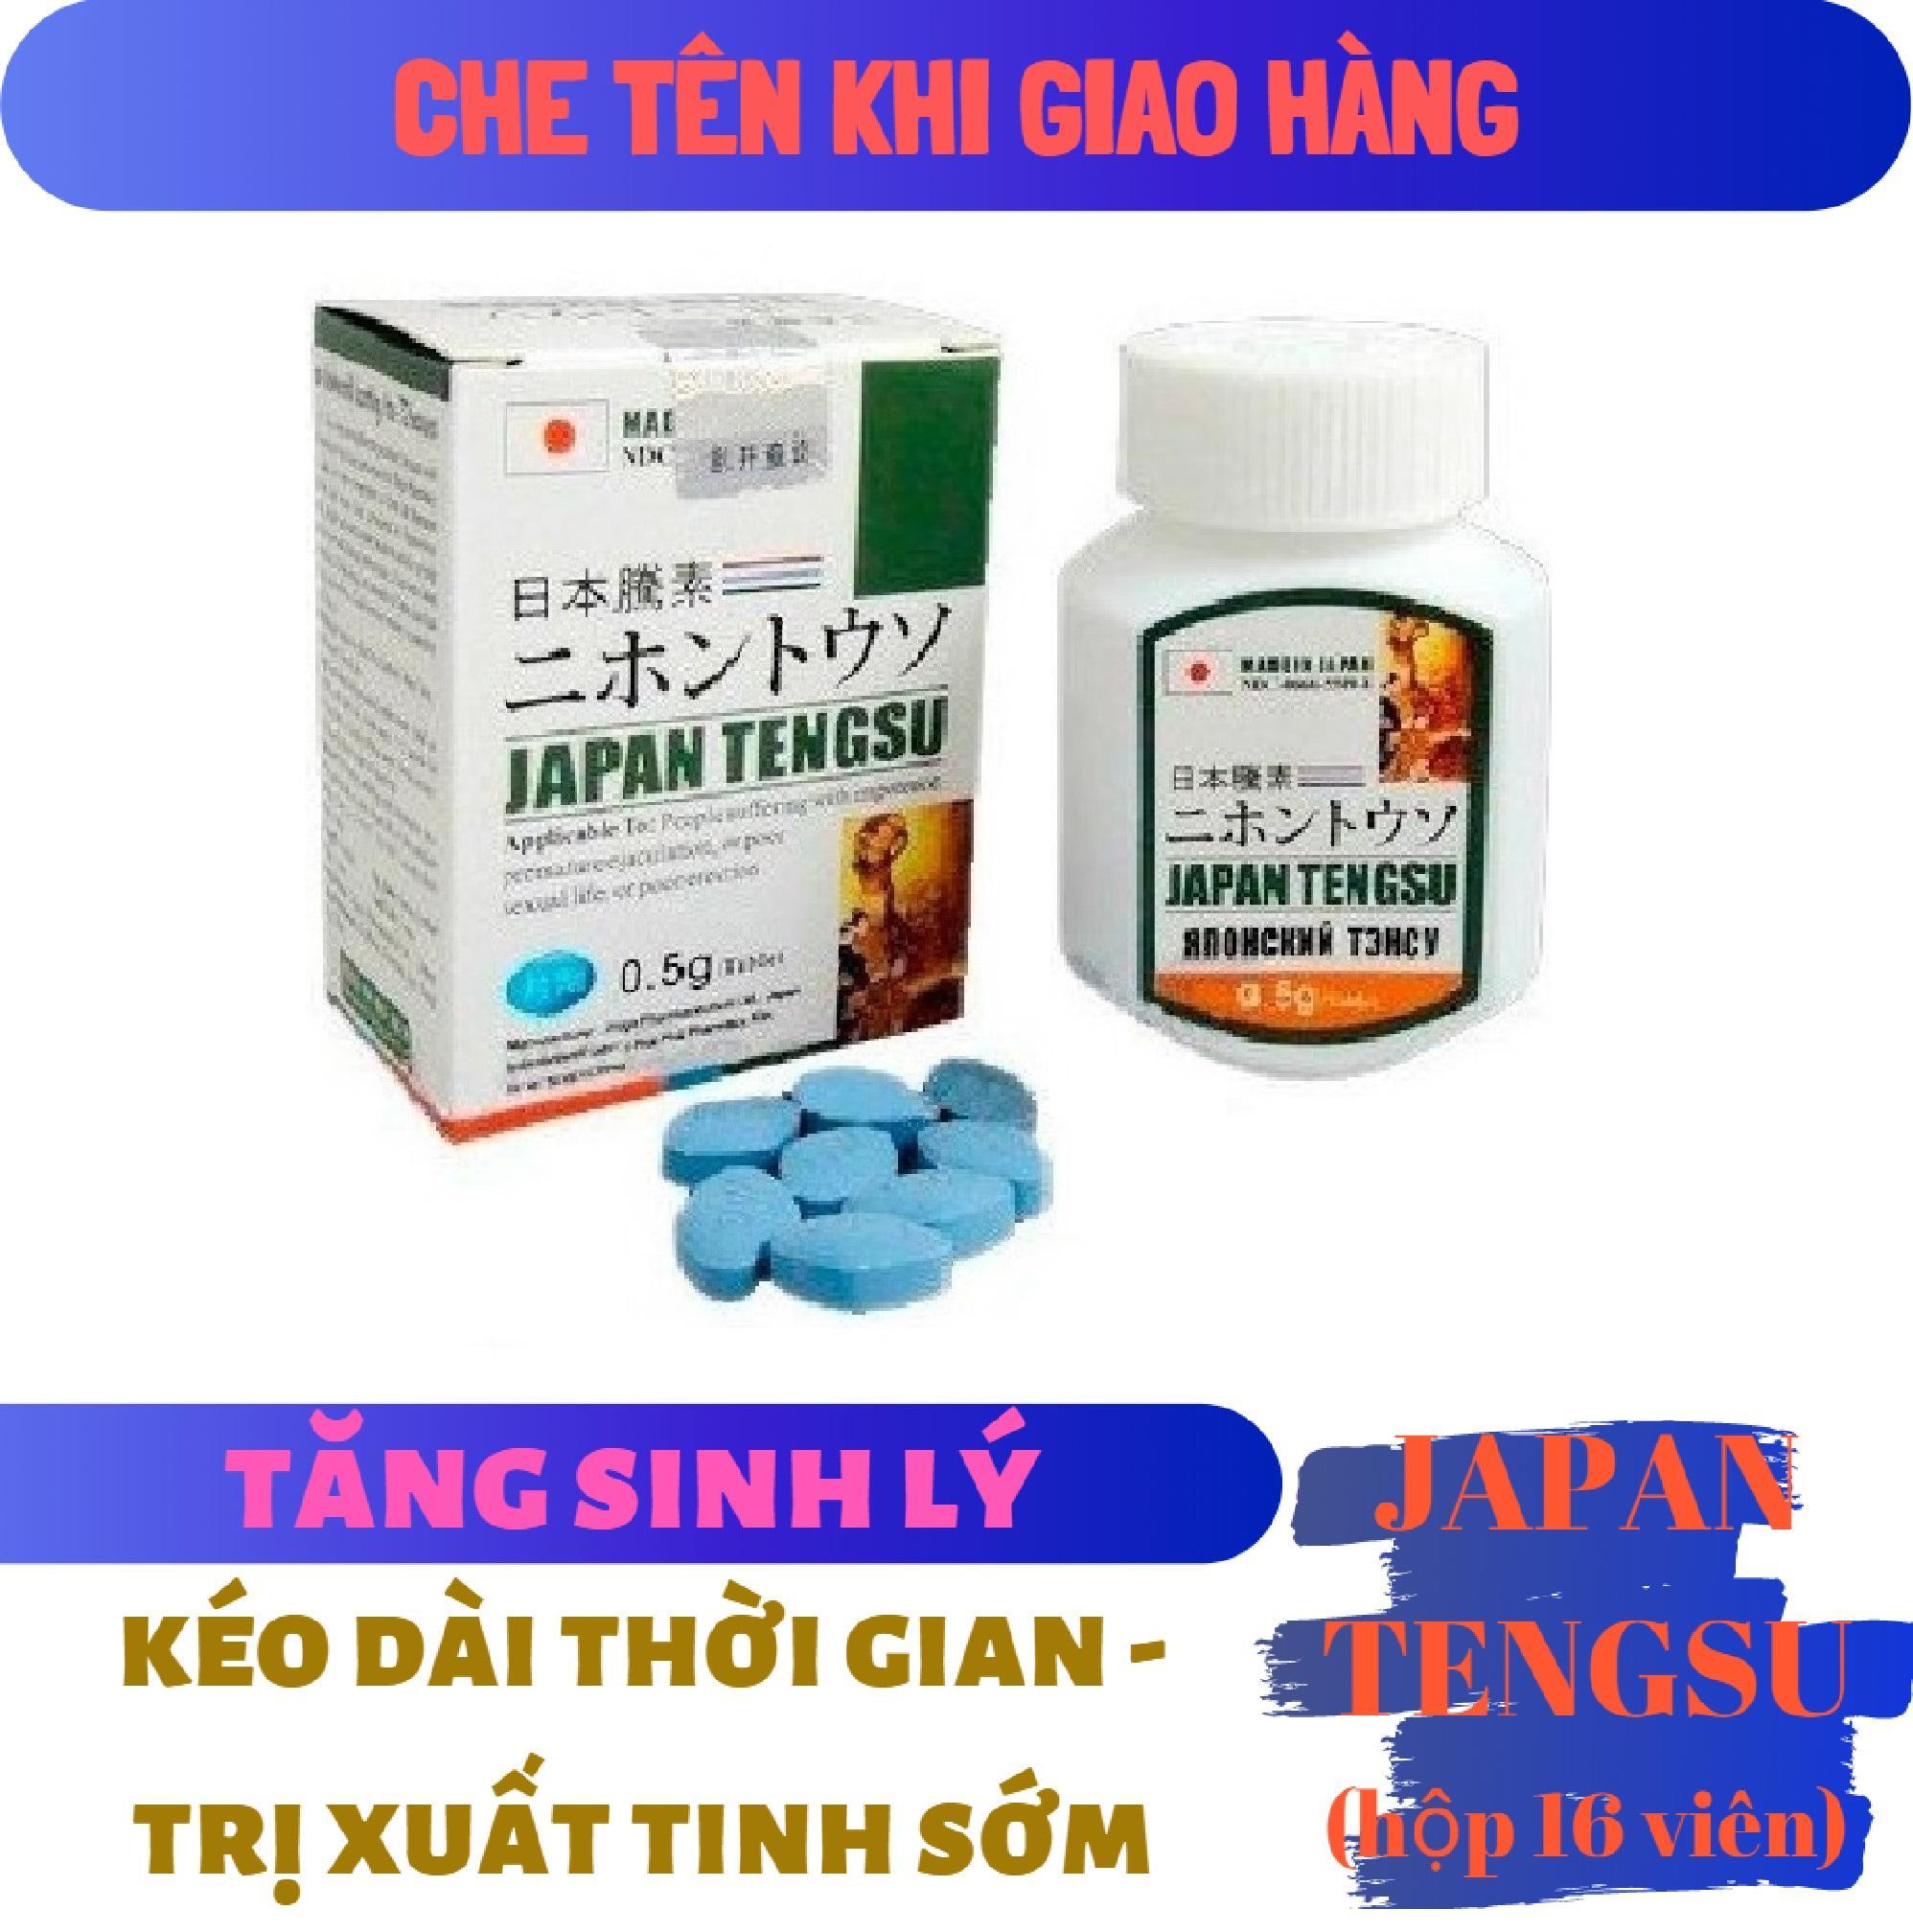 Viên tăng sức khỏe sức bền Nam giới TENGSU (hộp 16 viên) (che tên khi giao hàng) nhập khẩu